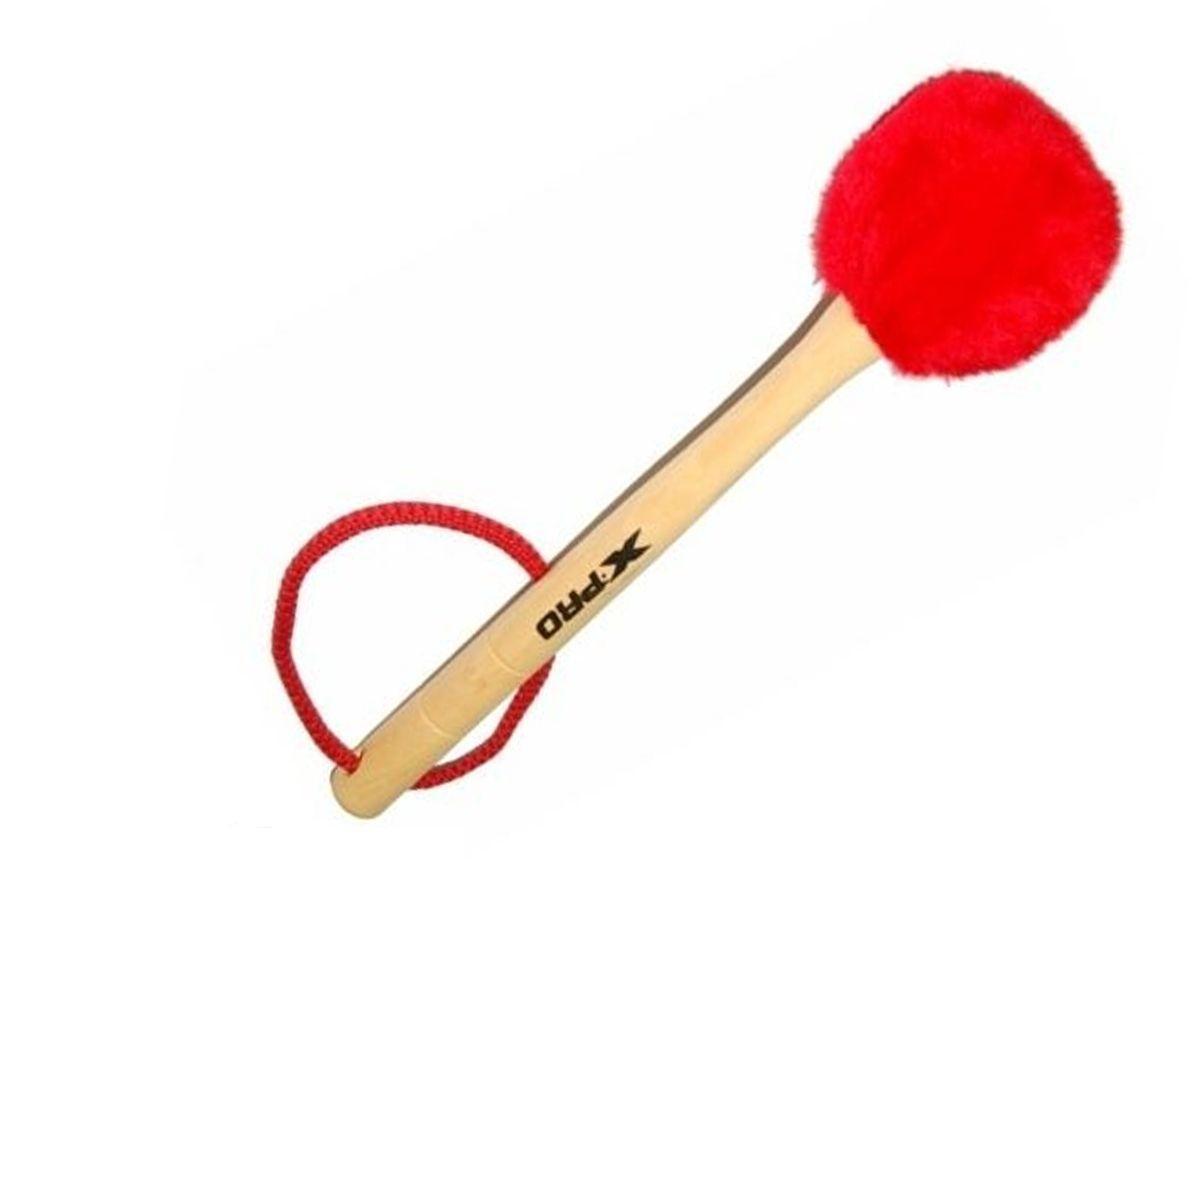 Baqueta de Pelúcia para Bumbo XPRO Vermelha